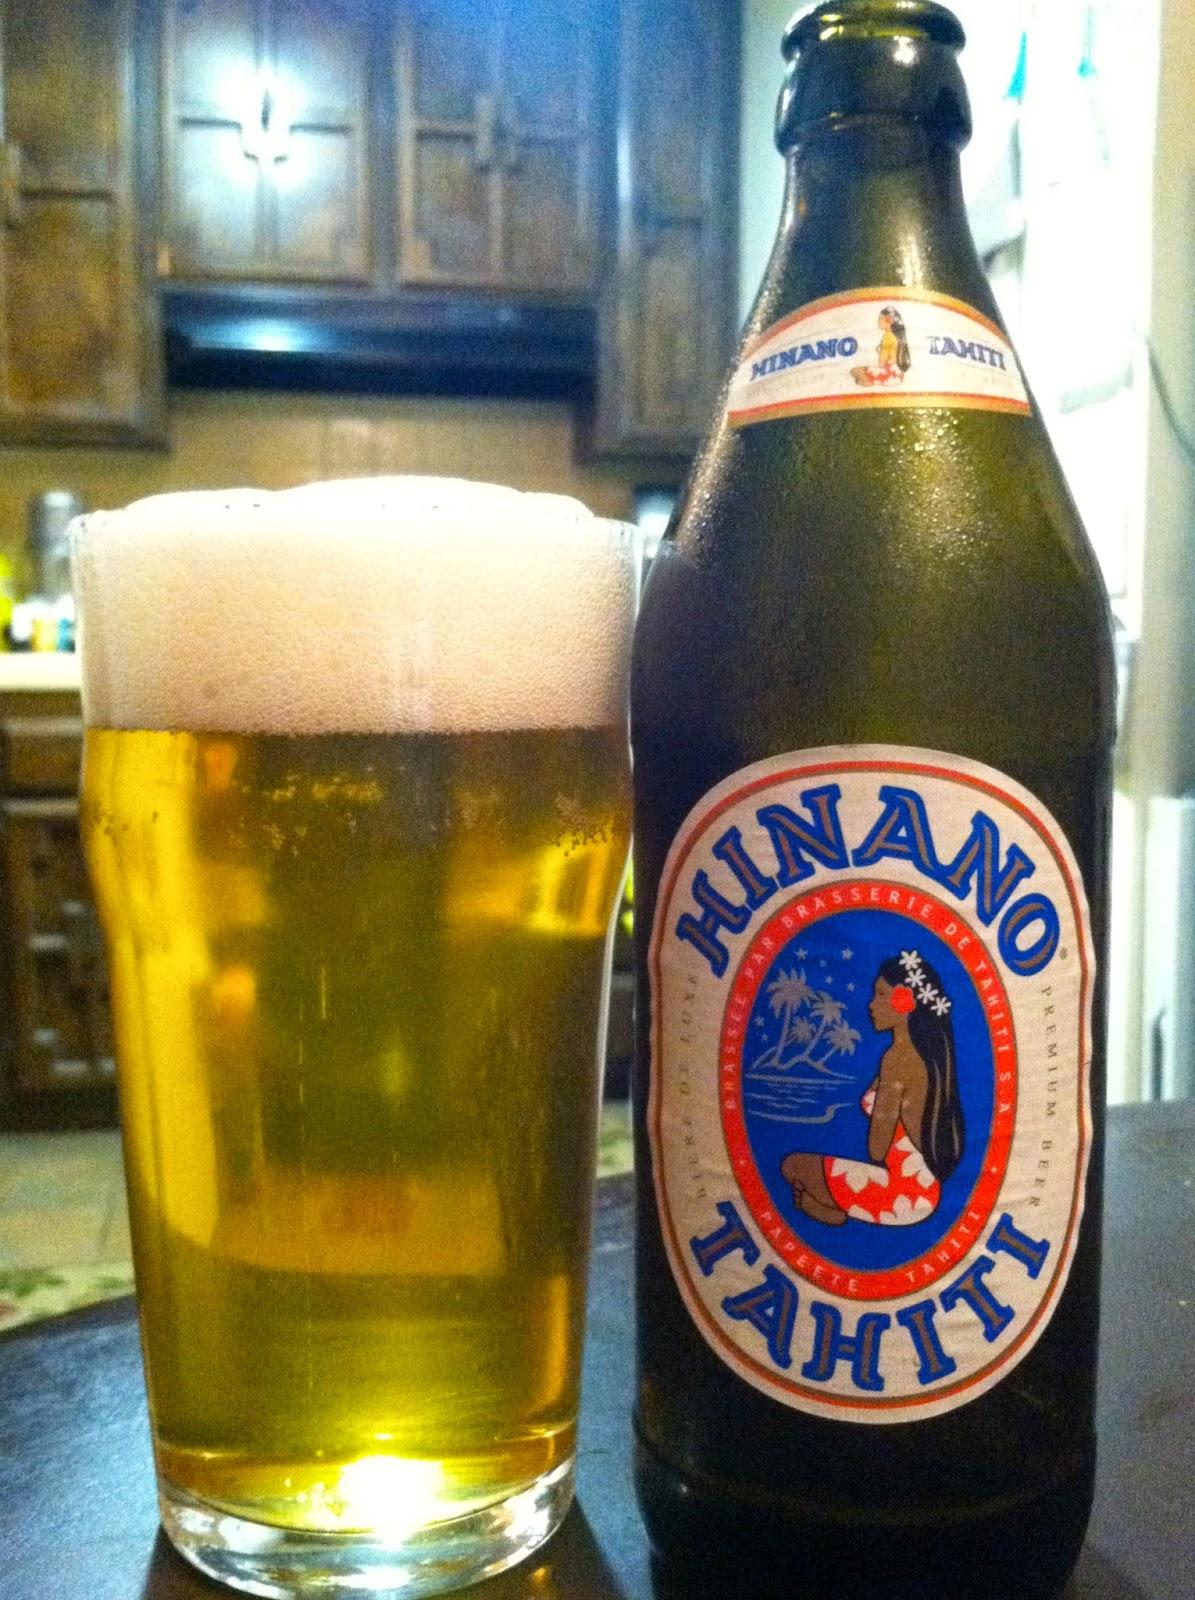 hinano tahiti beer 1